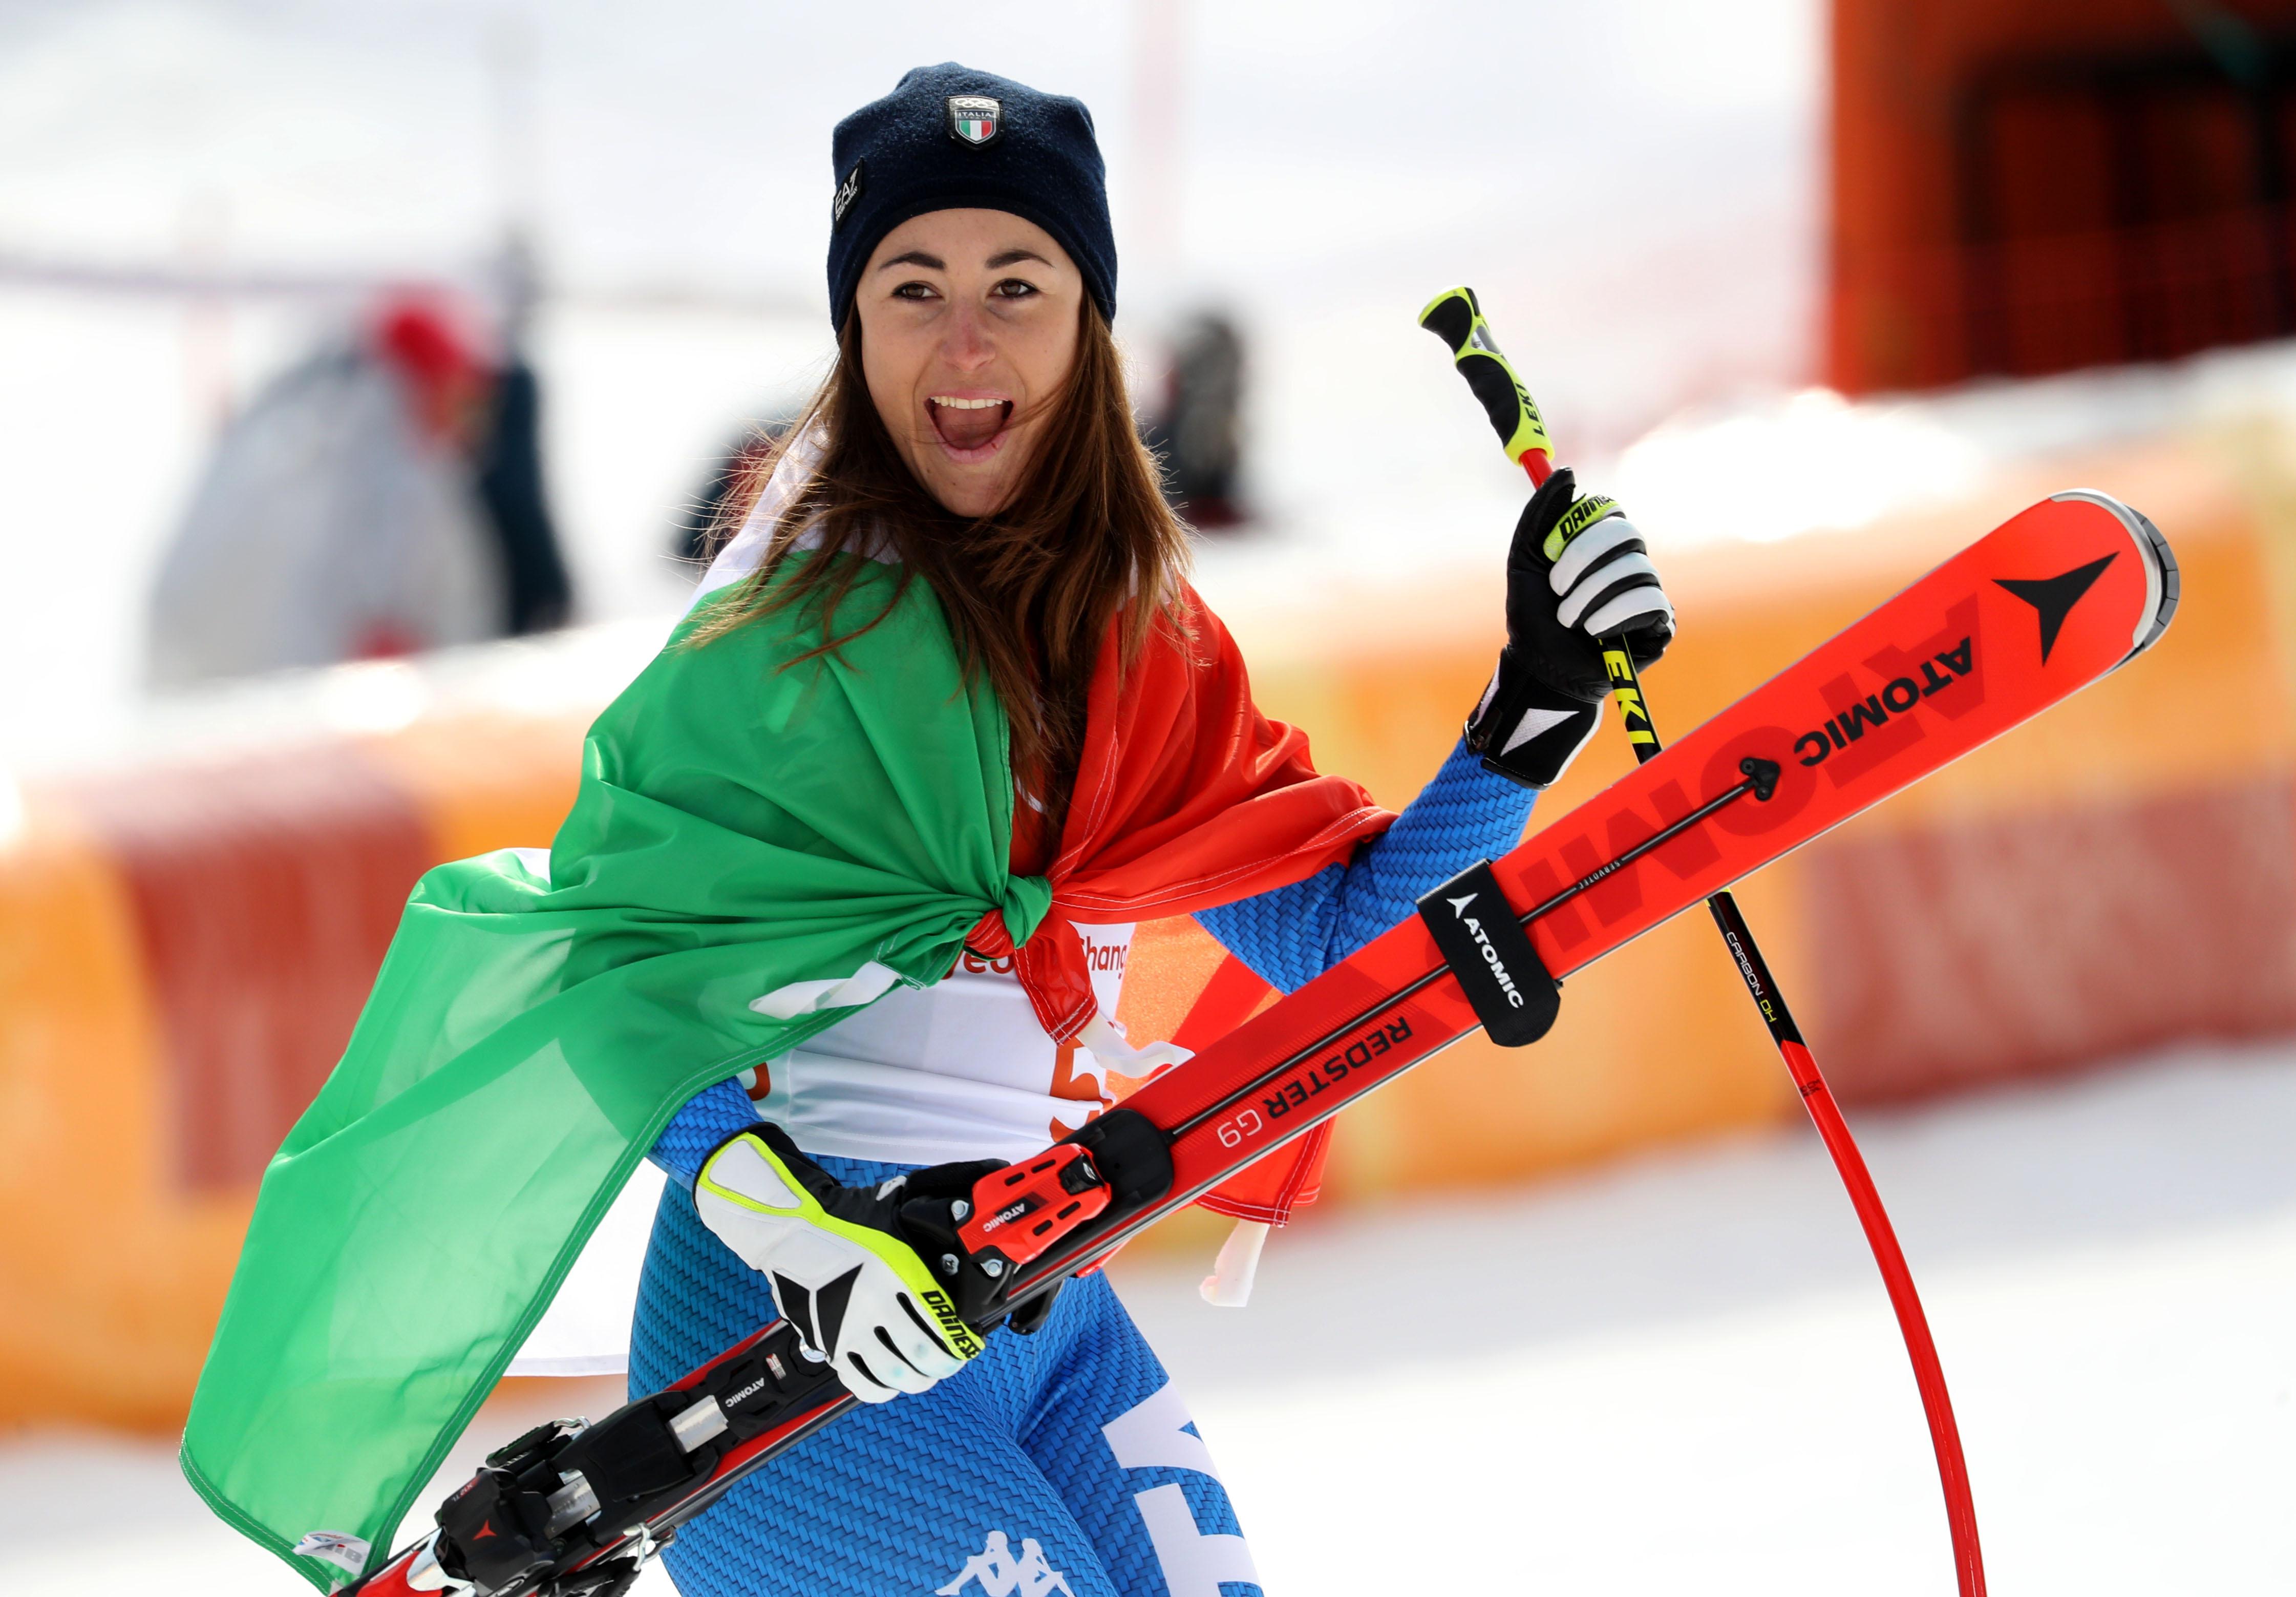 Le foto più belle della sciatrice Sofia Goggia, oro alle Olimpiadi / Image 21